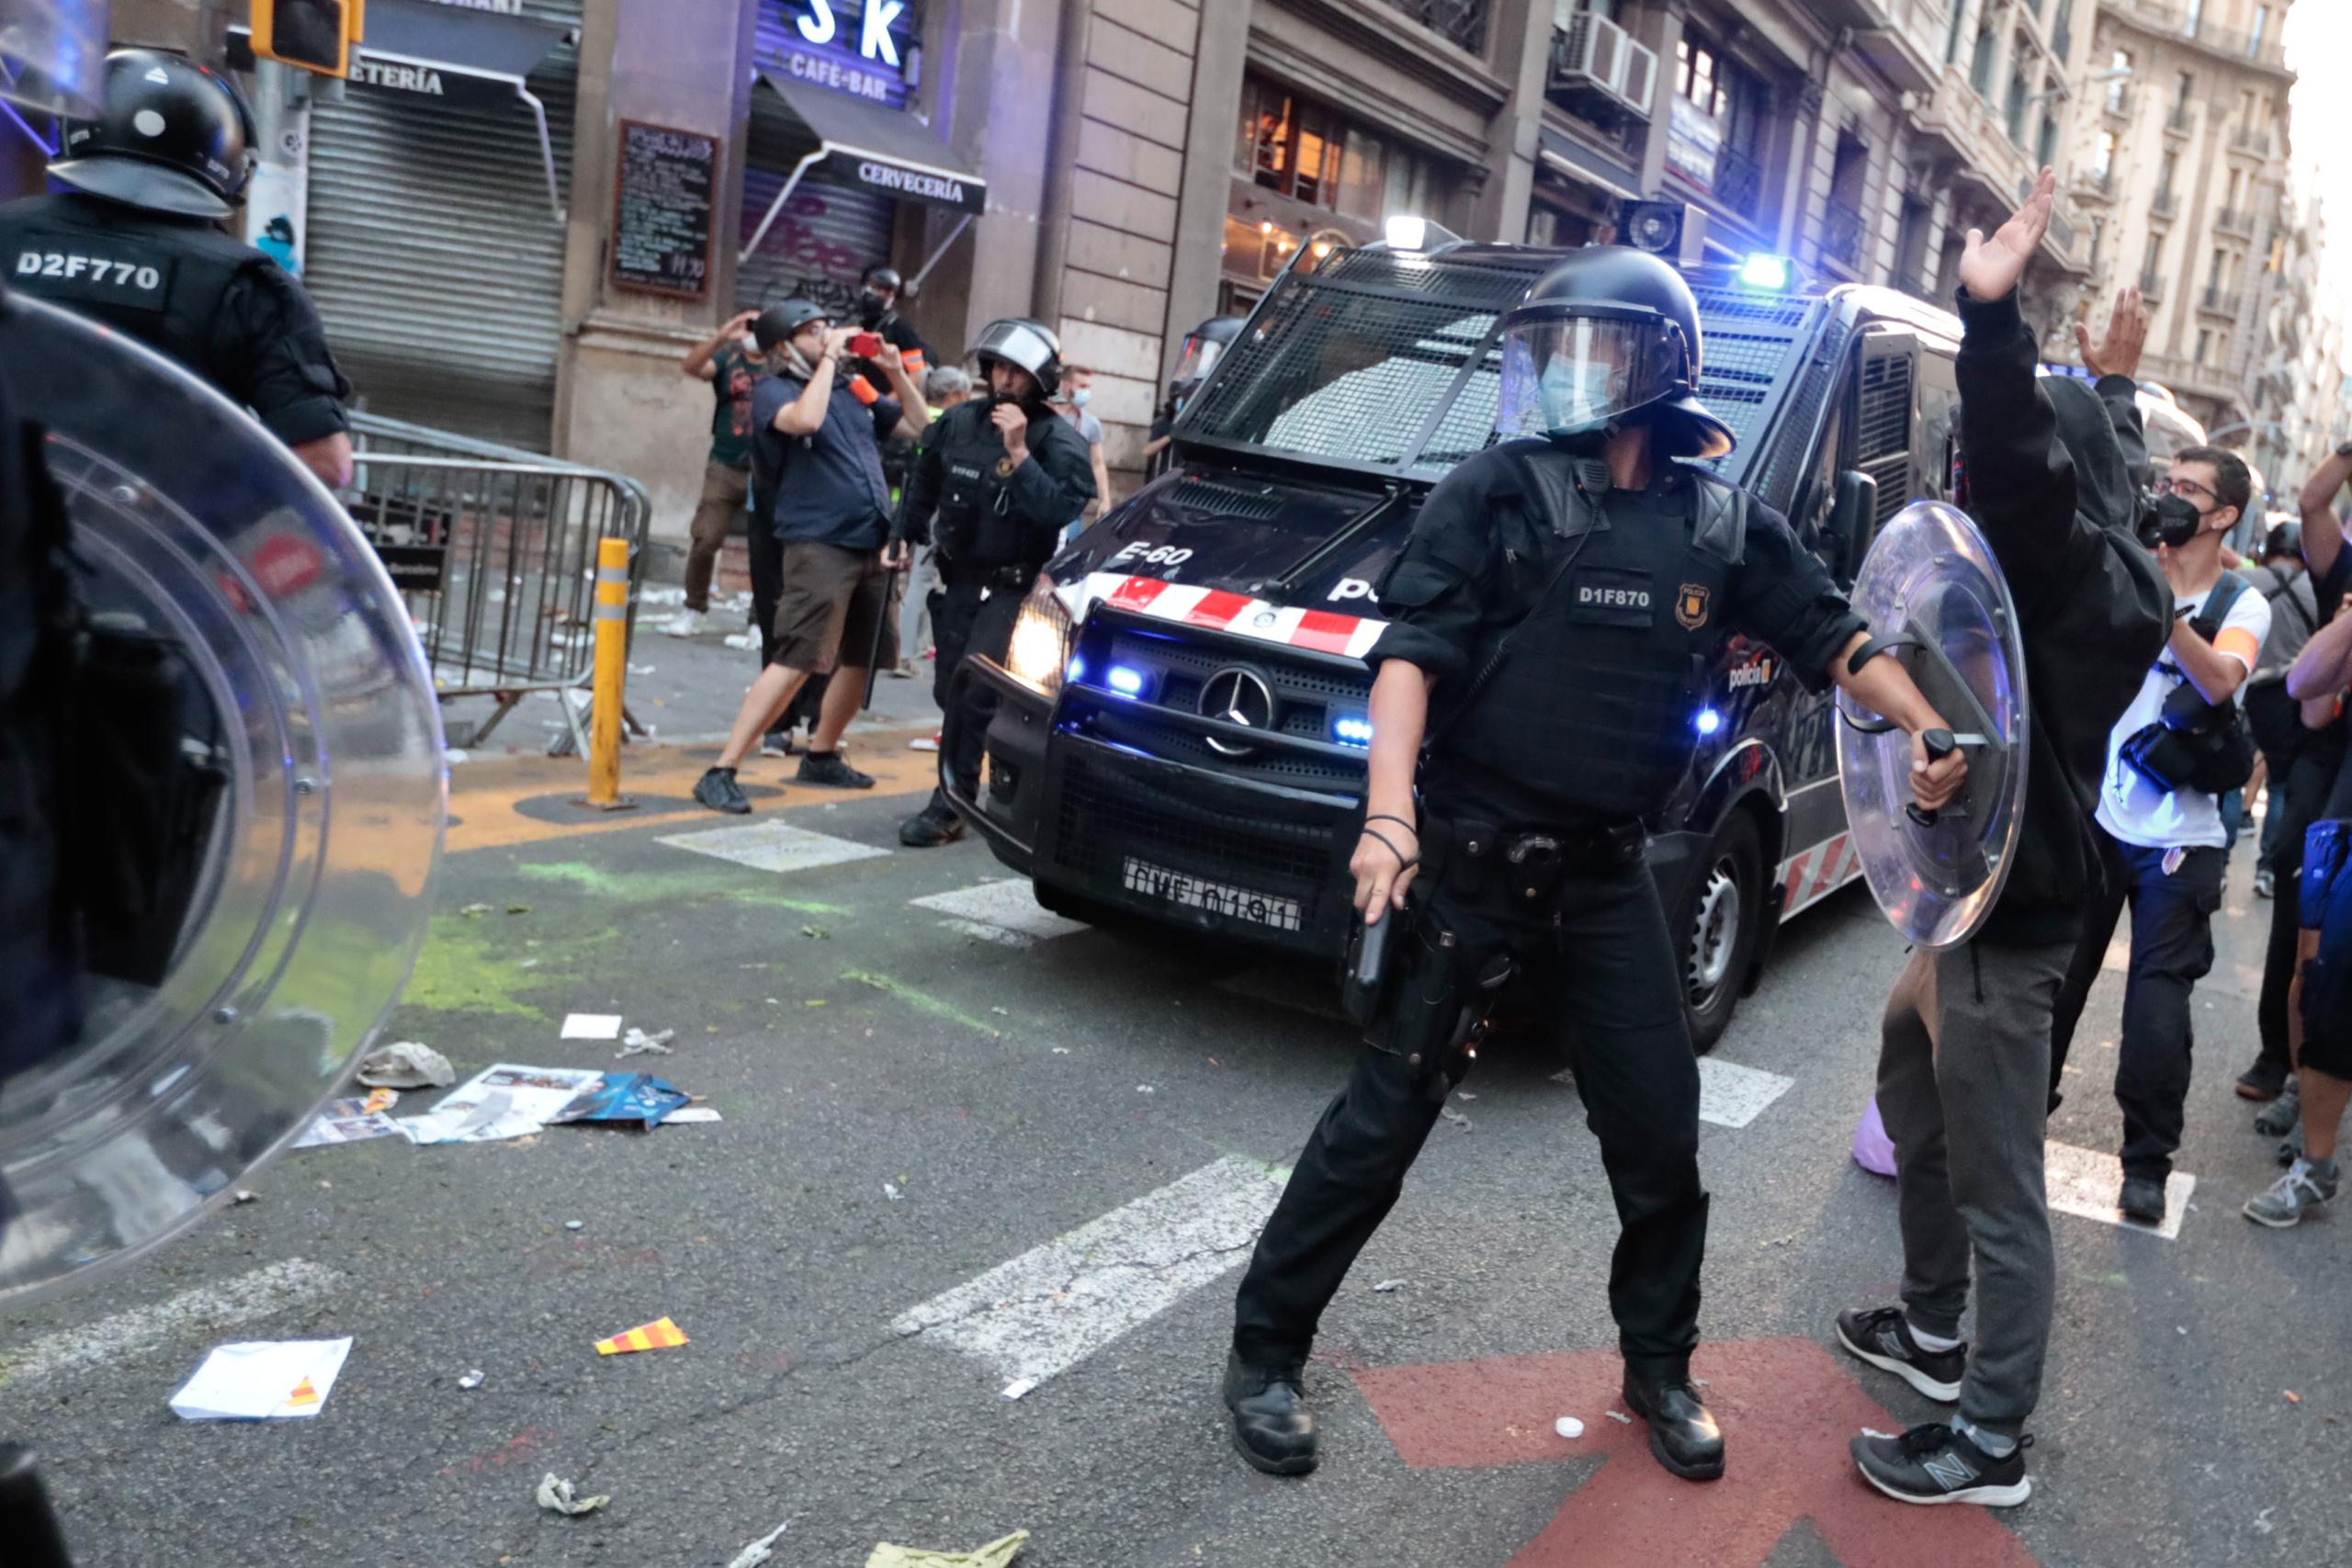 Agents dels Mossos d'Esquadra actuant a l'entorn de la comissaria de la Policia Nacional de la Via Laietana de Barcelona l'11 de setembre del 2021 / ACN